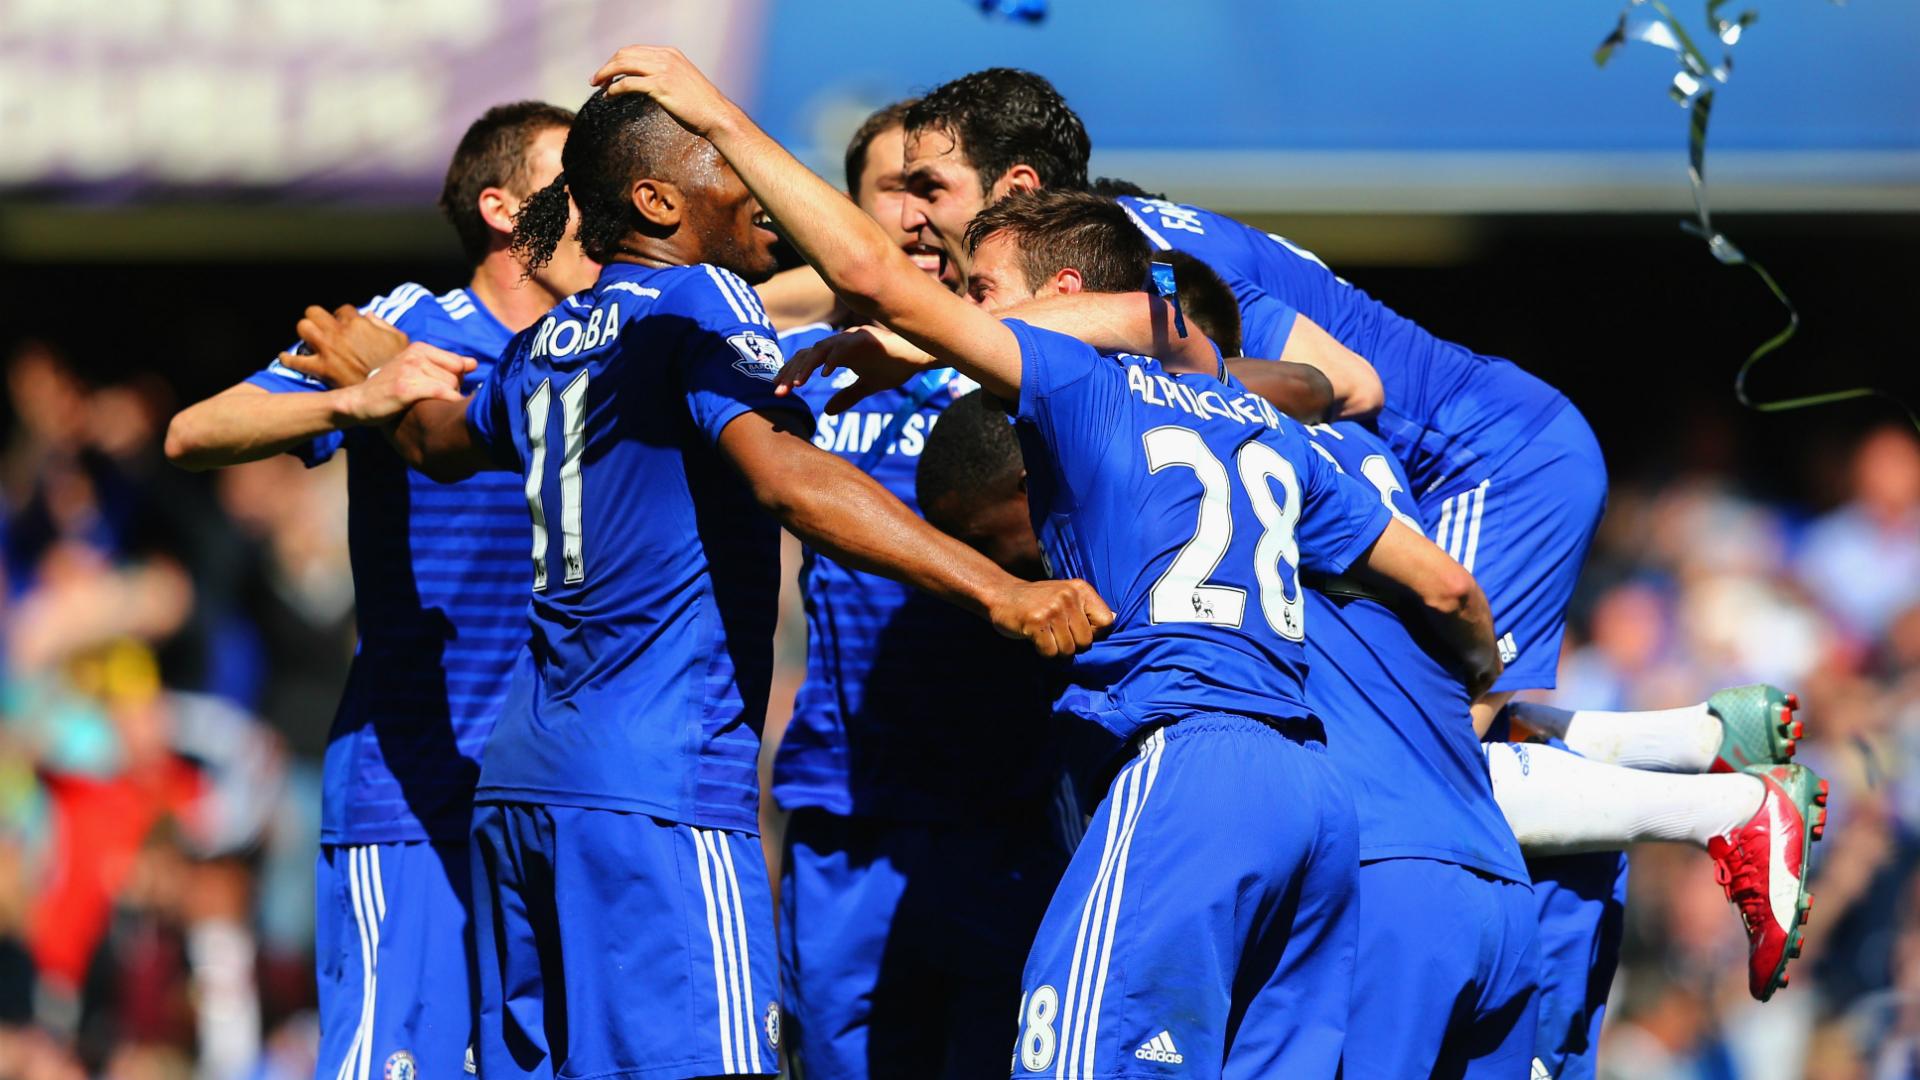 Chelsea celebrate Premier League title - Goal.com